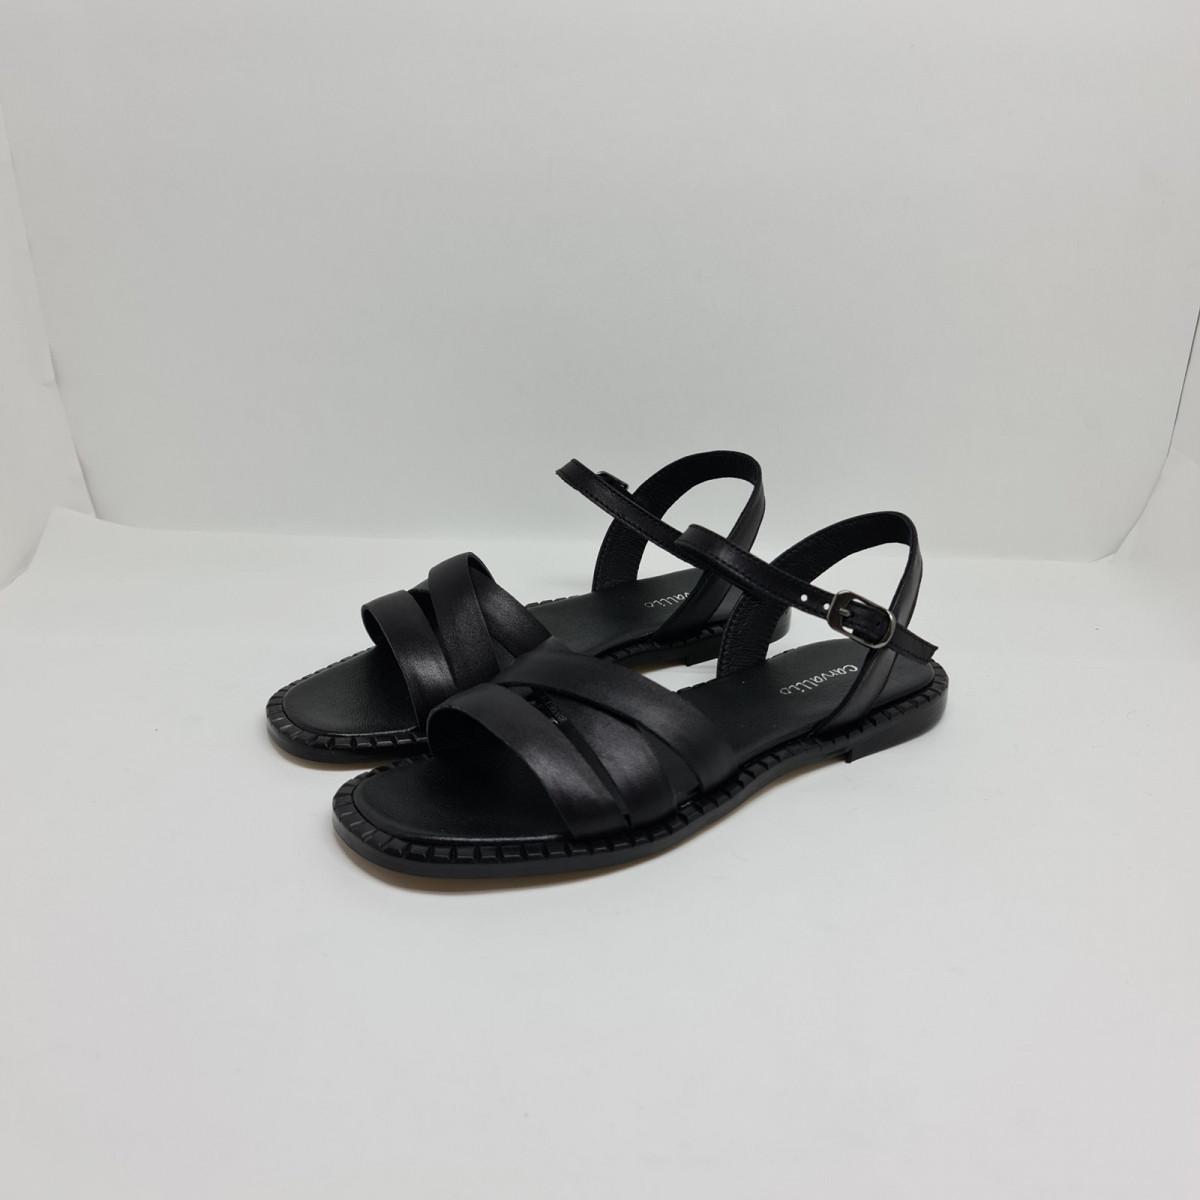 Босоніжки жіночі шкіряні чорні на чорній підошві